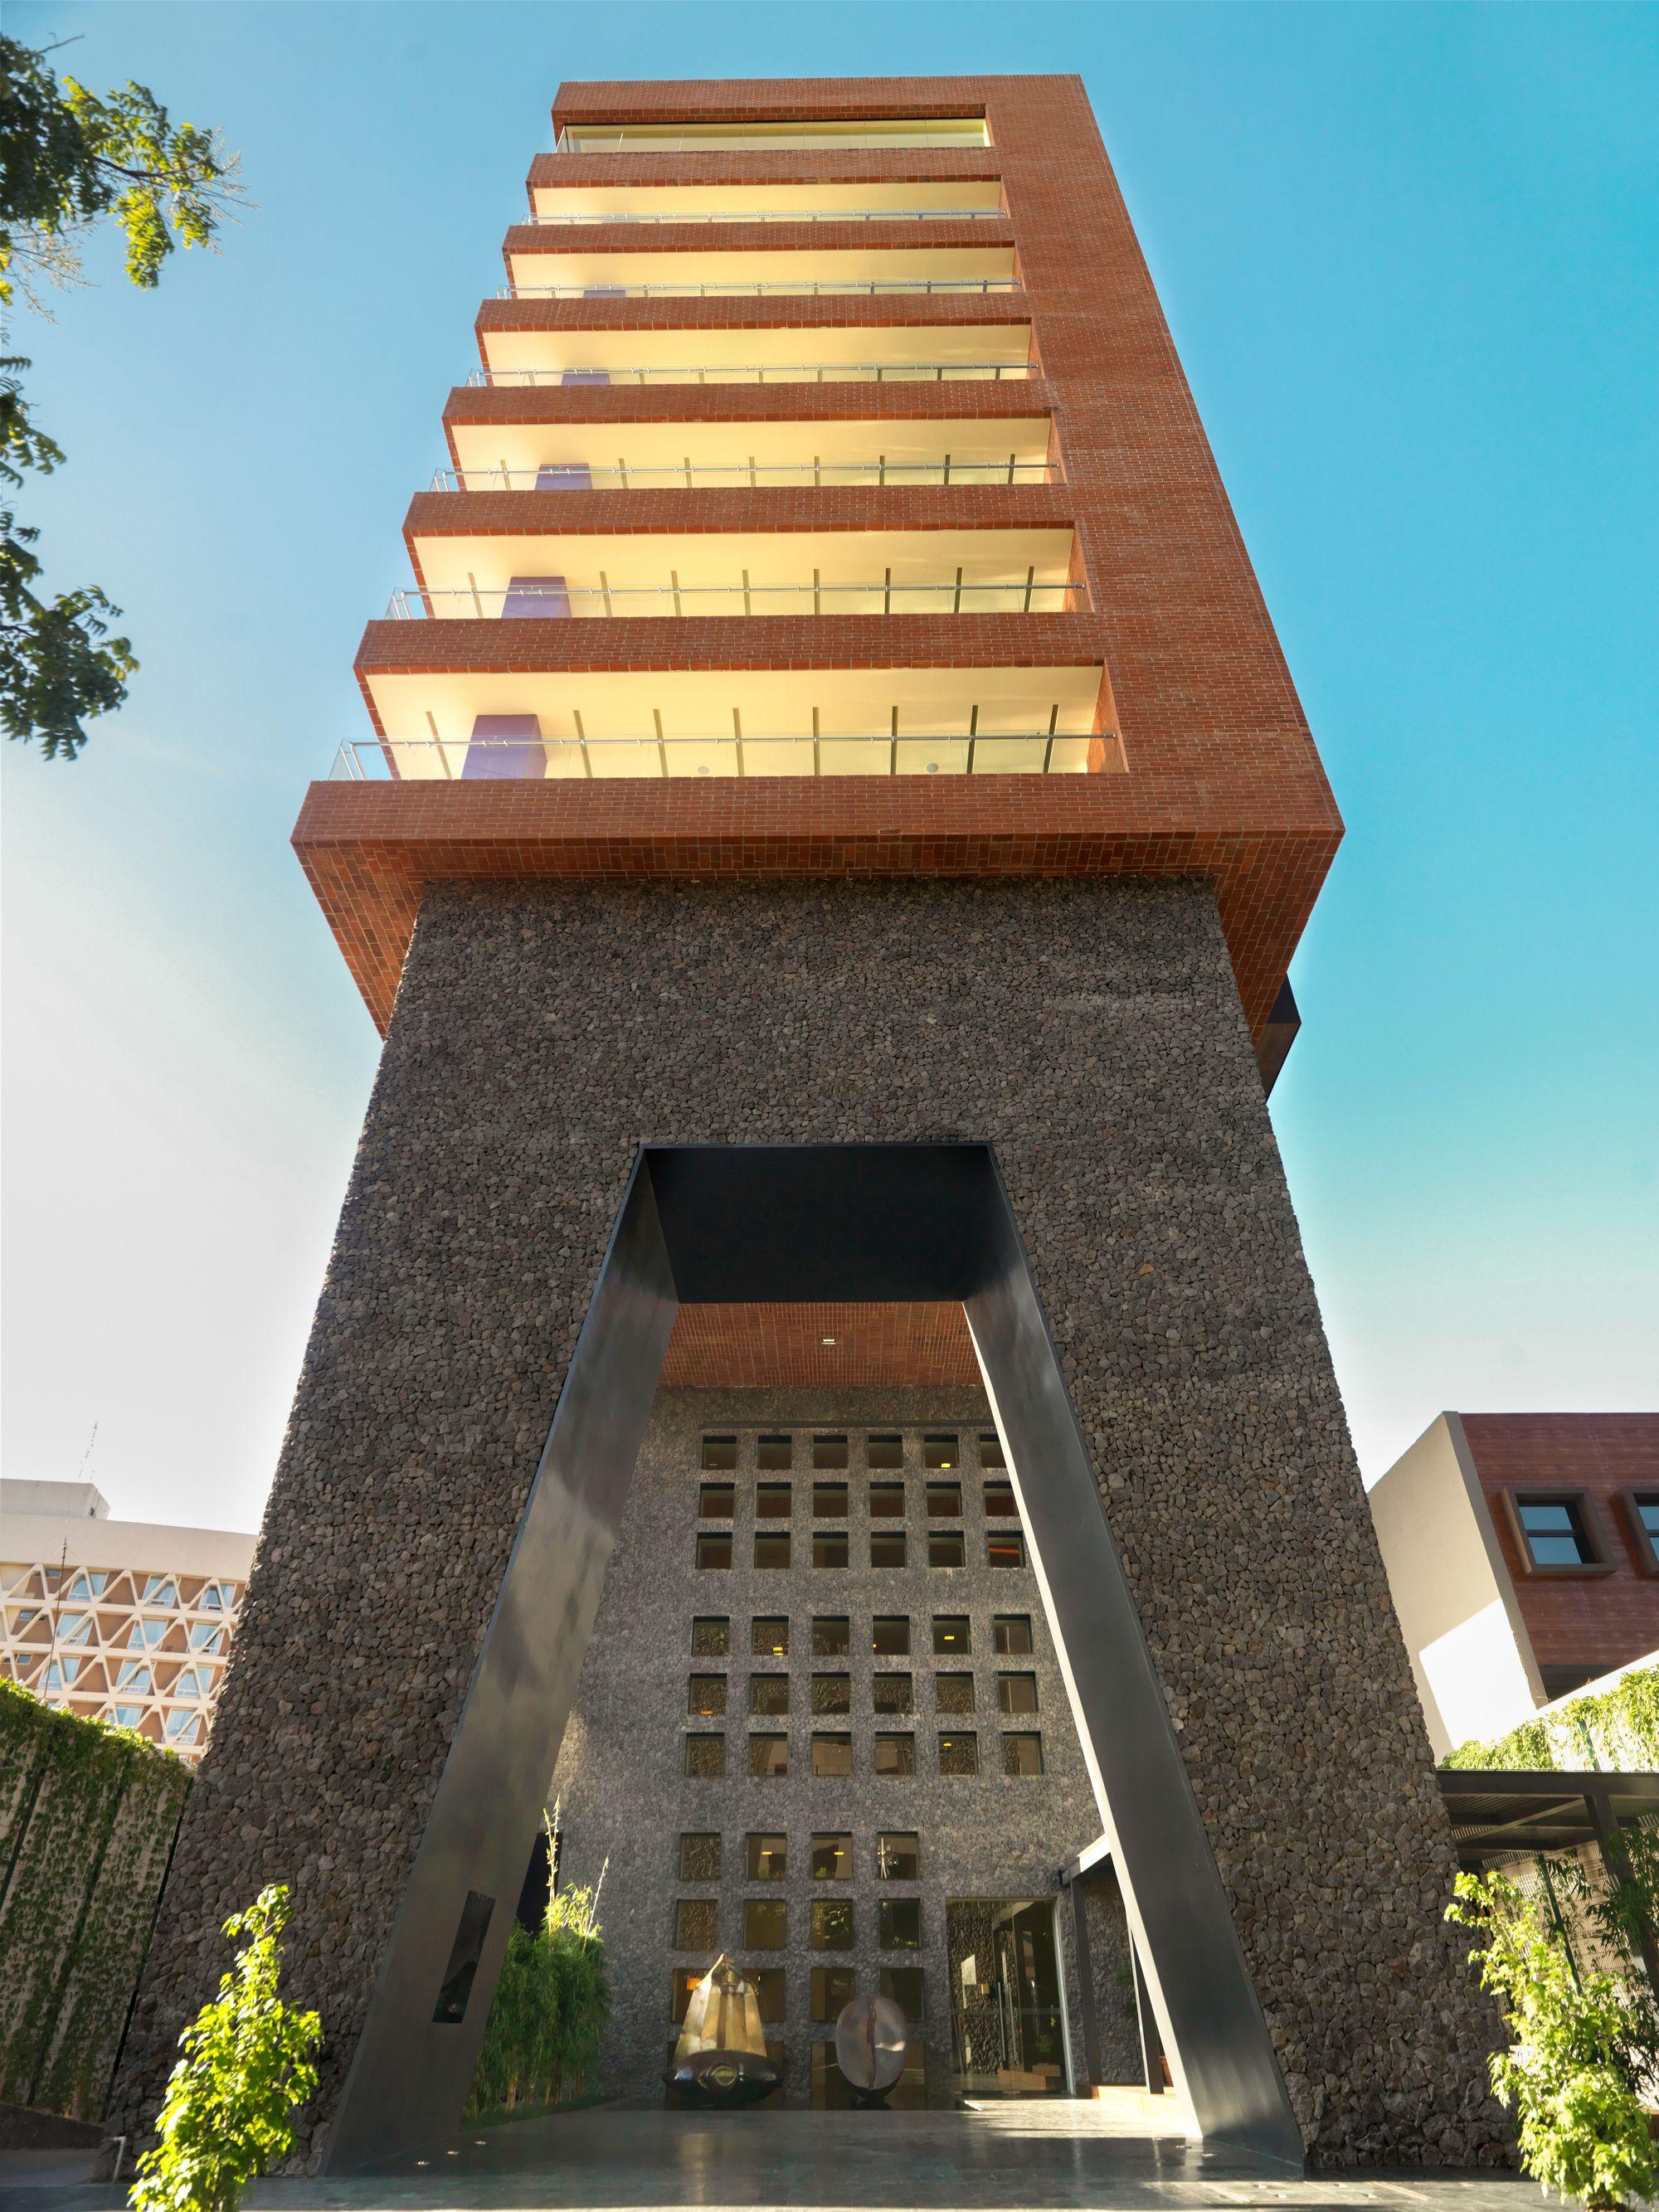 Terraesperanza legorreta legorreta arquitectura for Casa minimalista guatemala